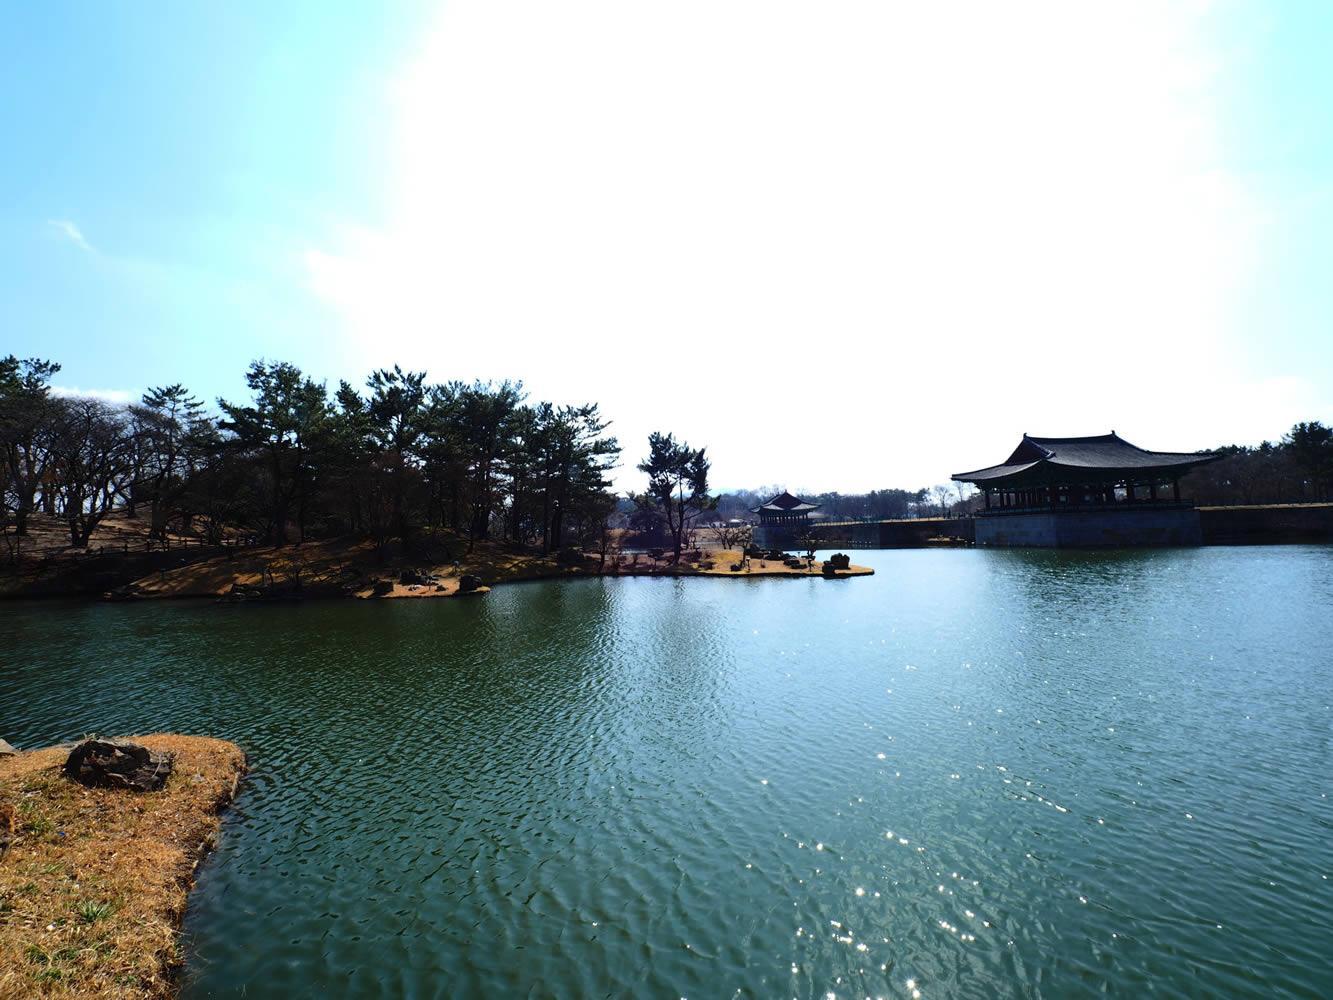 دریاچه مصنوعی آناپجی کره جنوبی